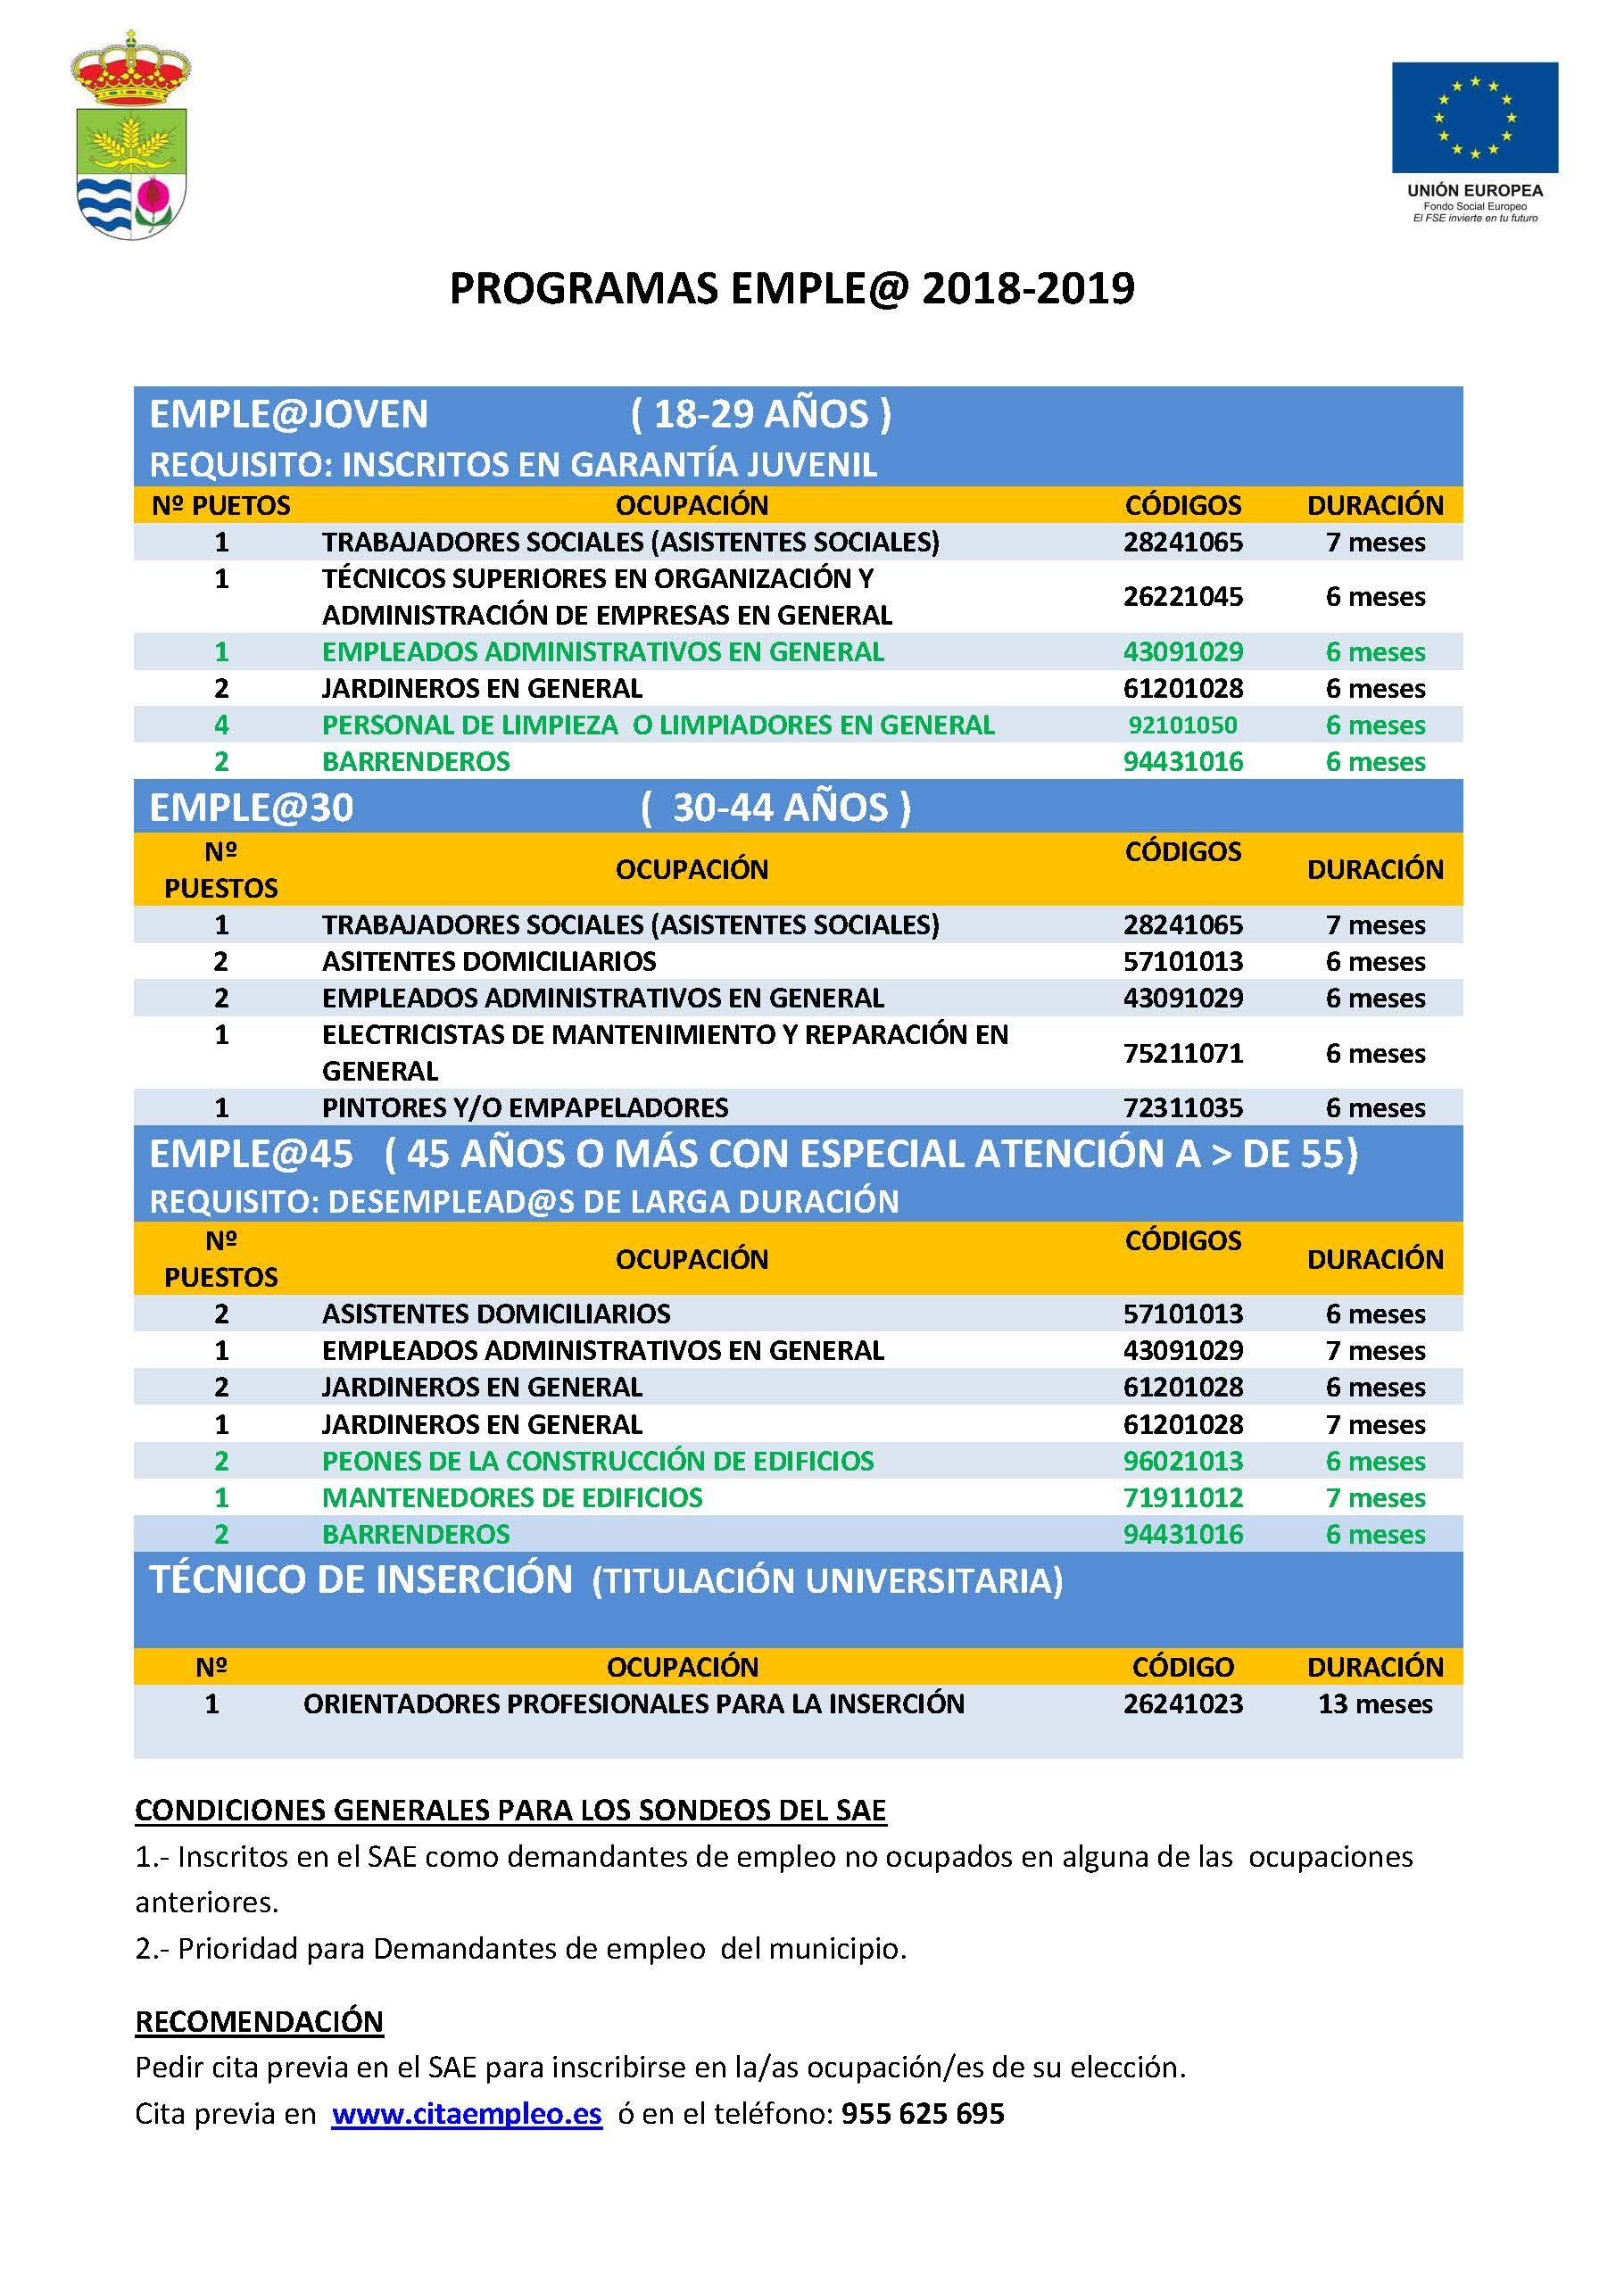 PUBLICACIÓN DE MODIFICACIÓN DE CÓDIGOS DE OCUPACIÓN PROGRAMAS EMPLE@ 2018-2019